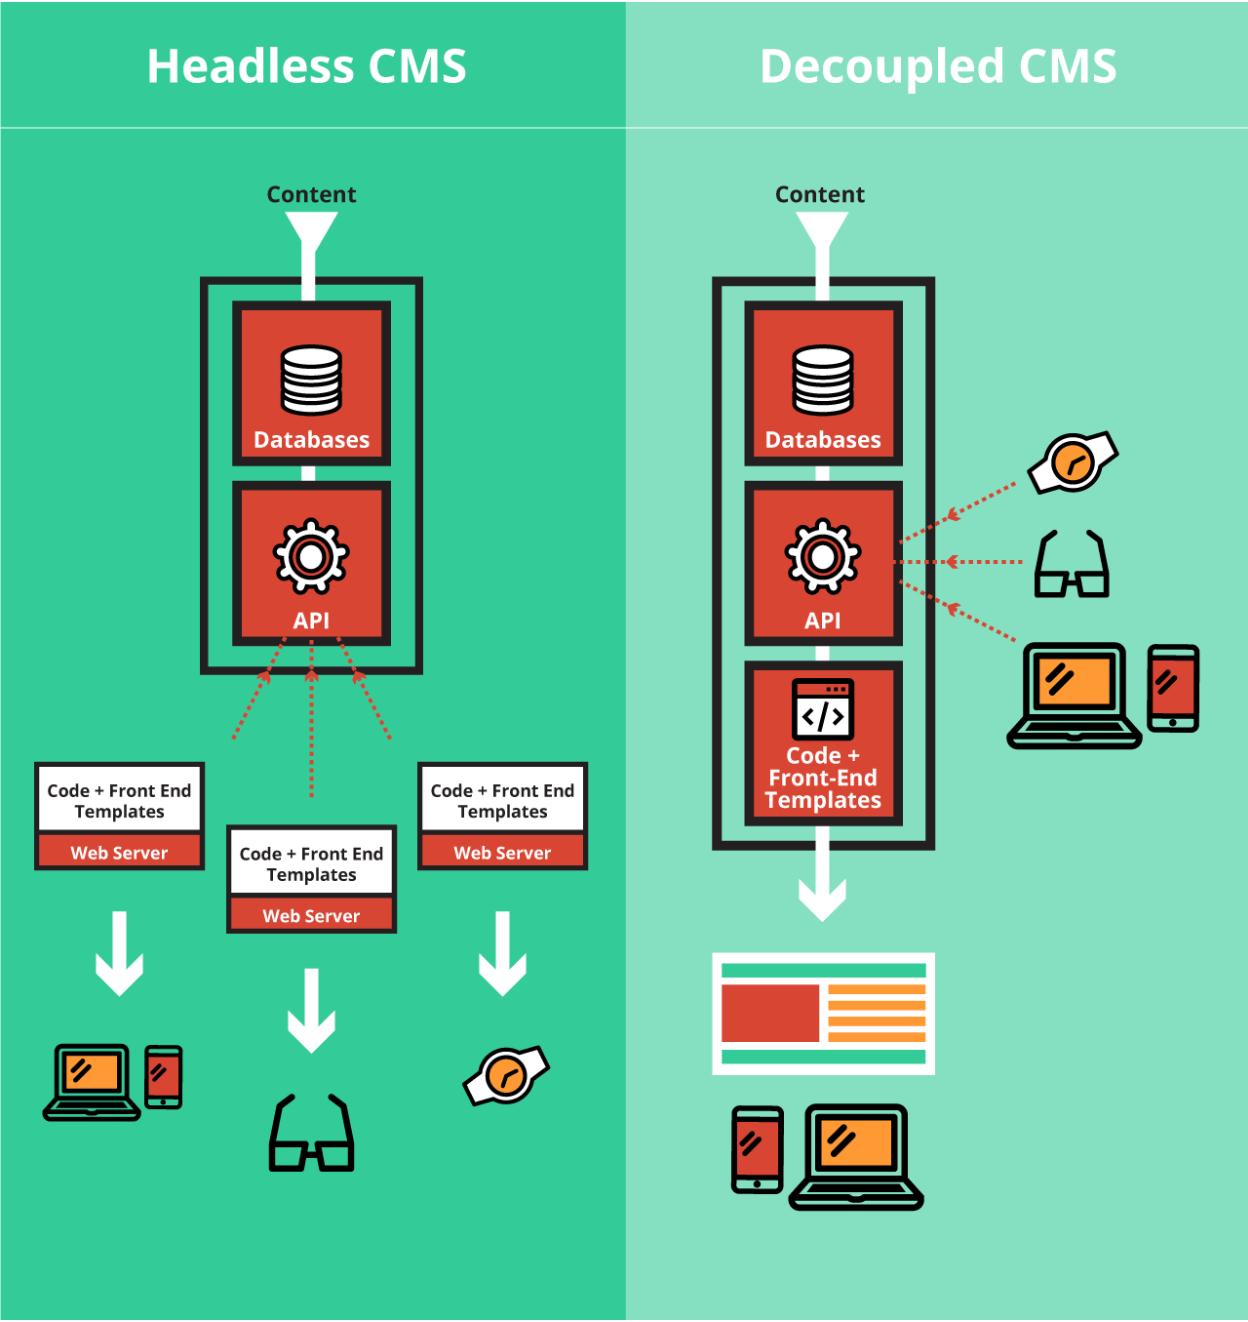 A Headless CMS Compared to a Decoupled CMS